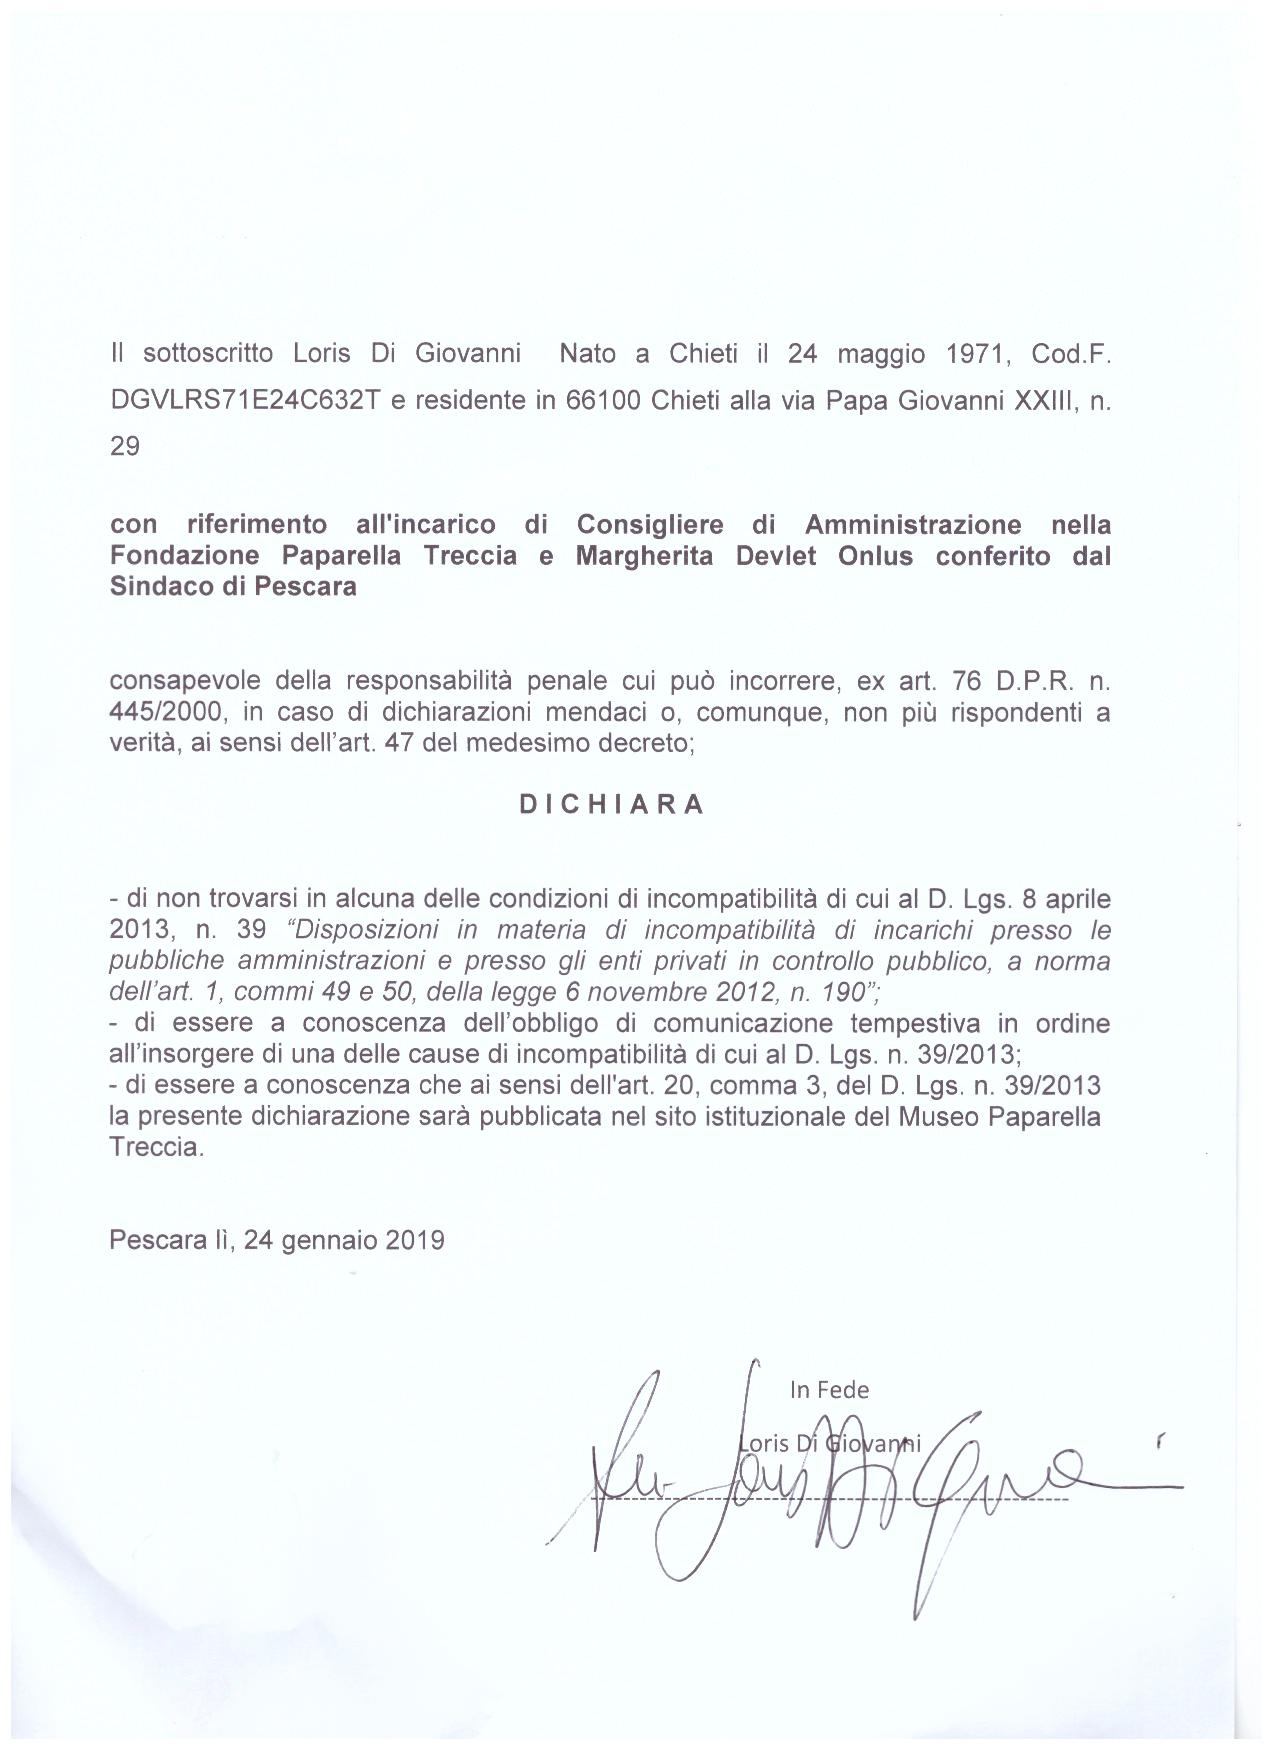 Dichiarazione Di Giovanni 2019